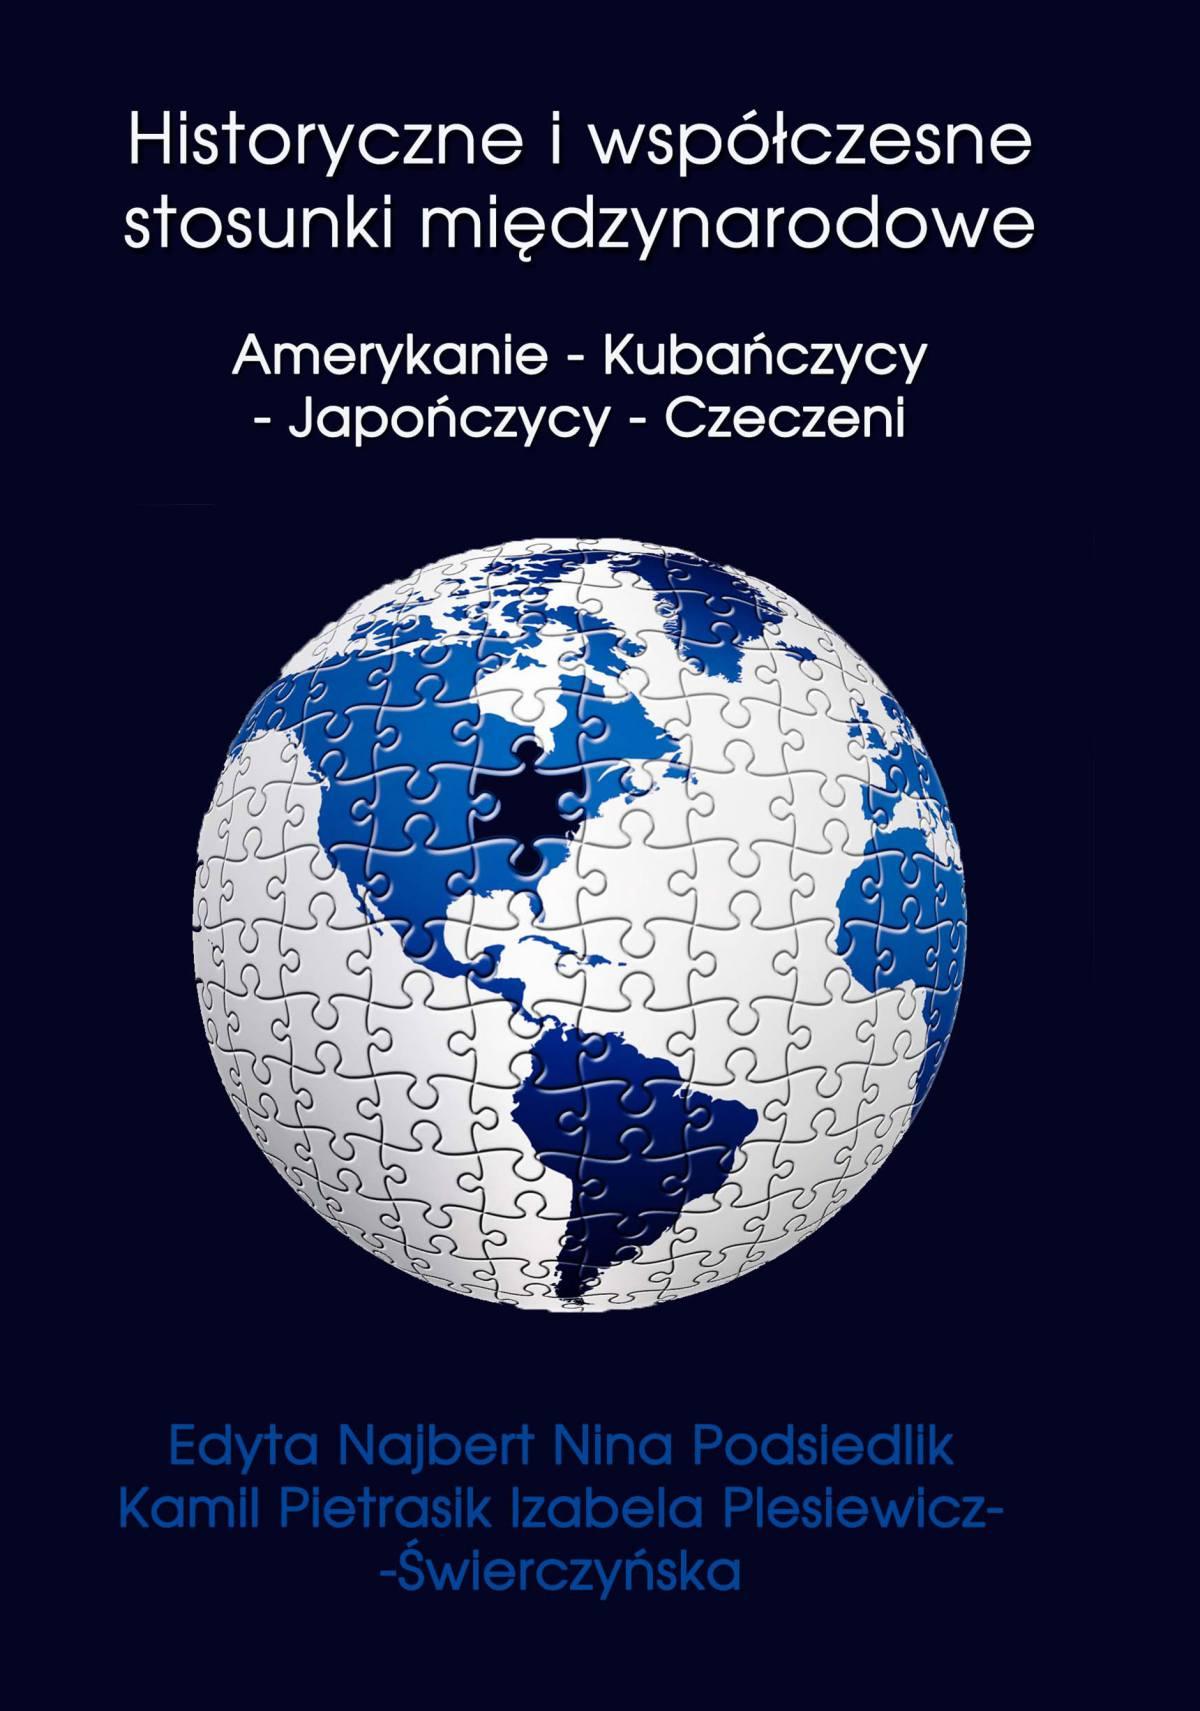 Historyczne i współczesne stosunki międzynarodowe Amerykanie - Kubańczycy - Japończycy - Czeczeni - Ebook (Książka PDF) do pobrania w formacie PDF